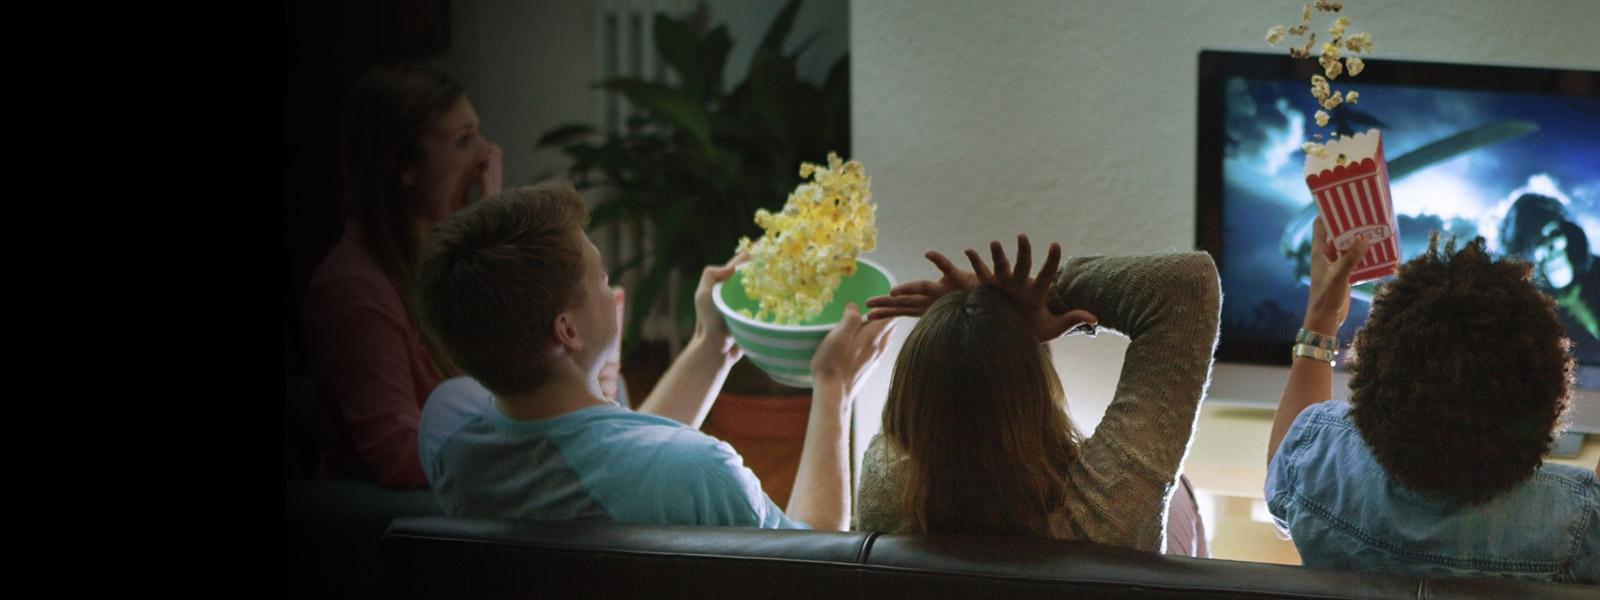 Personen sitzen auf einer Couch und schauen einen Film